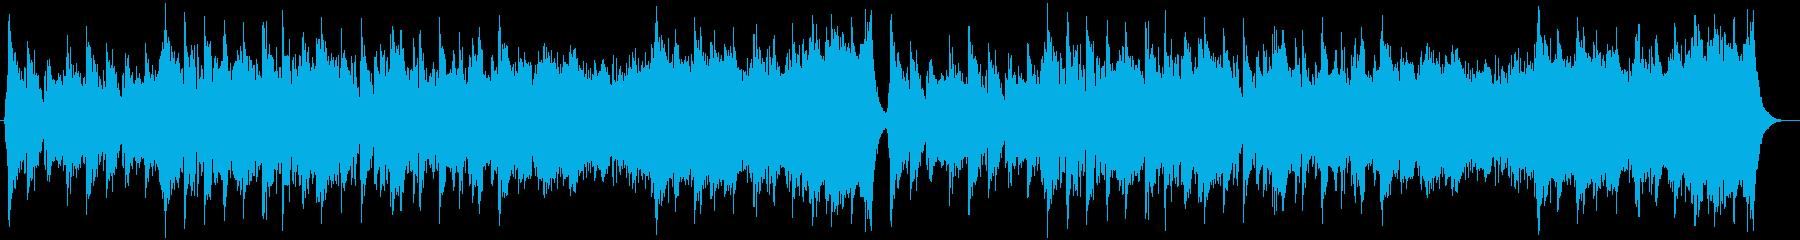 中華風の穏やかなBGMの再生済みの波形